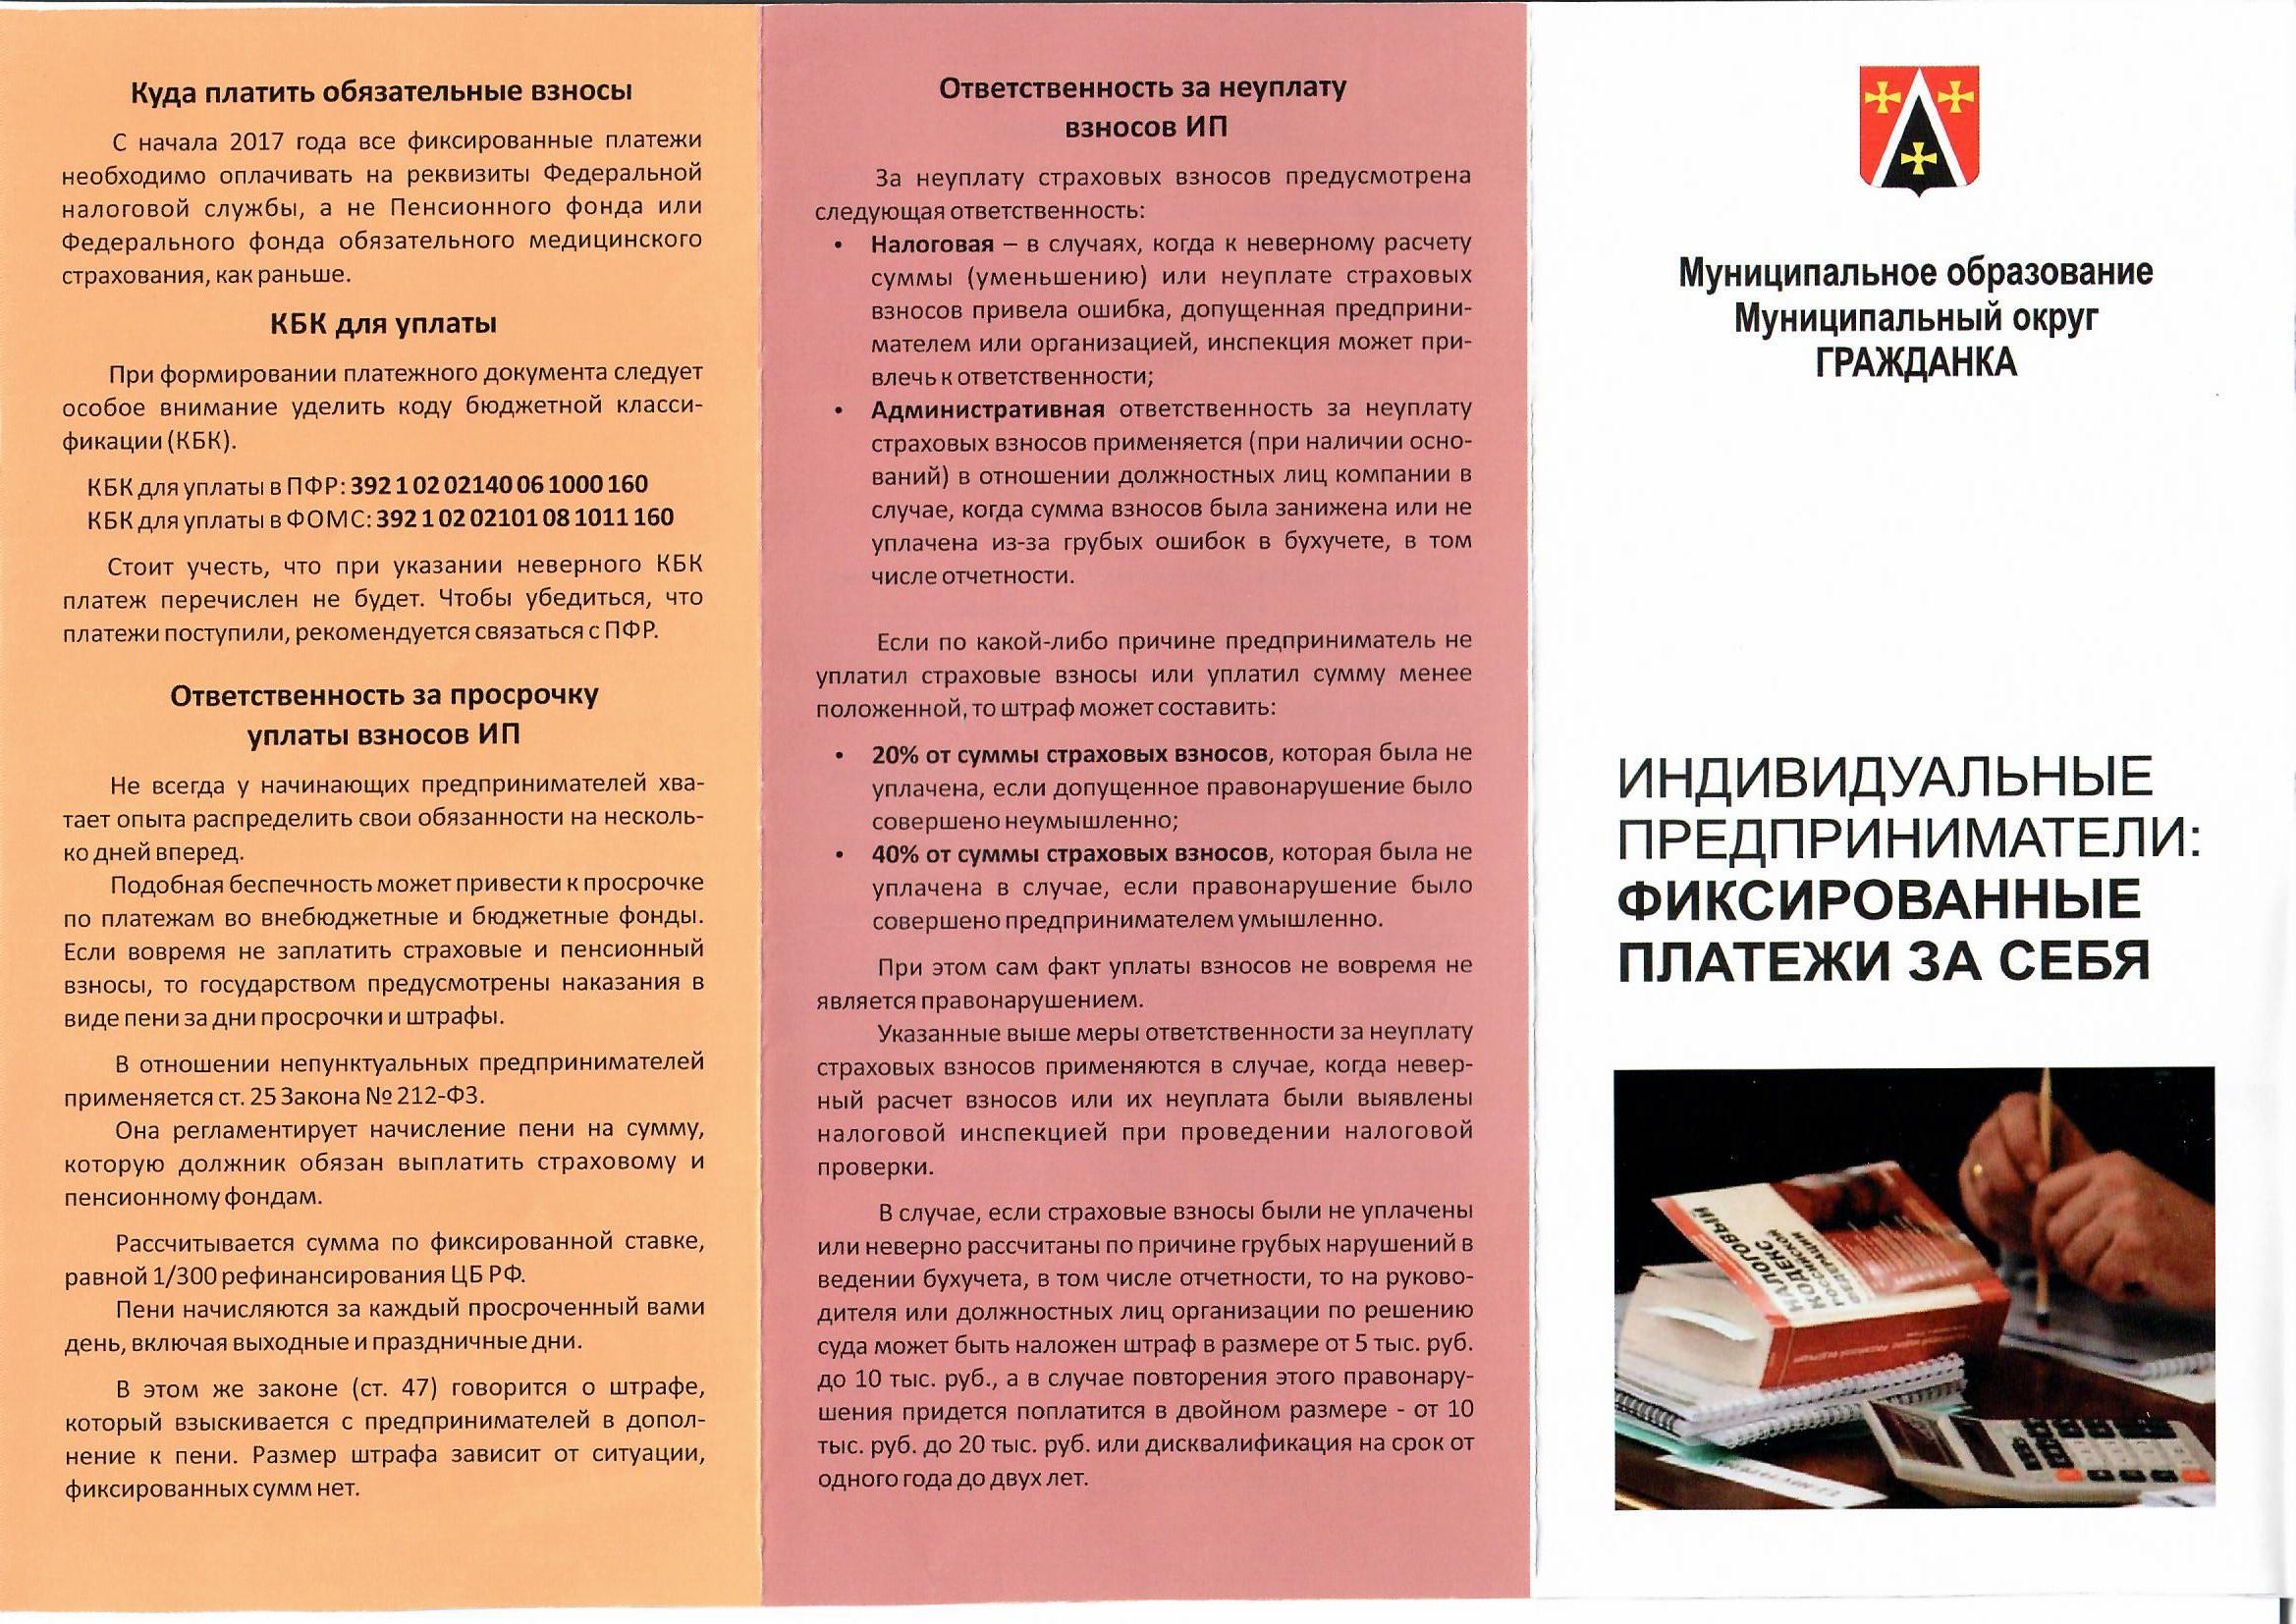 Брошюра «Индивидуальные предприниматели: фиксированные платежи за себя»